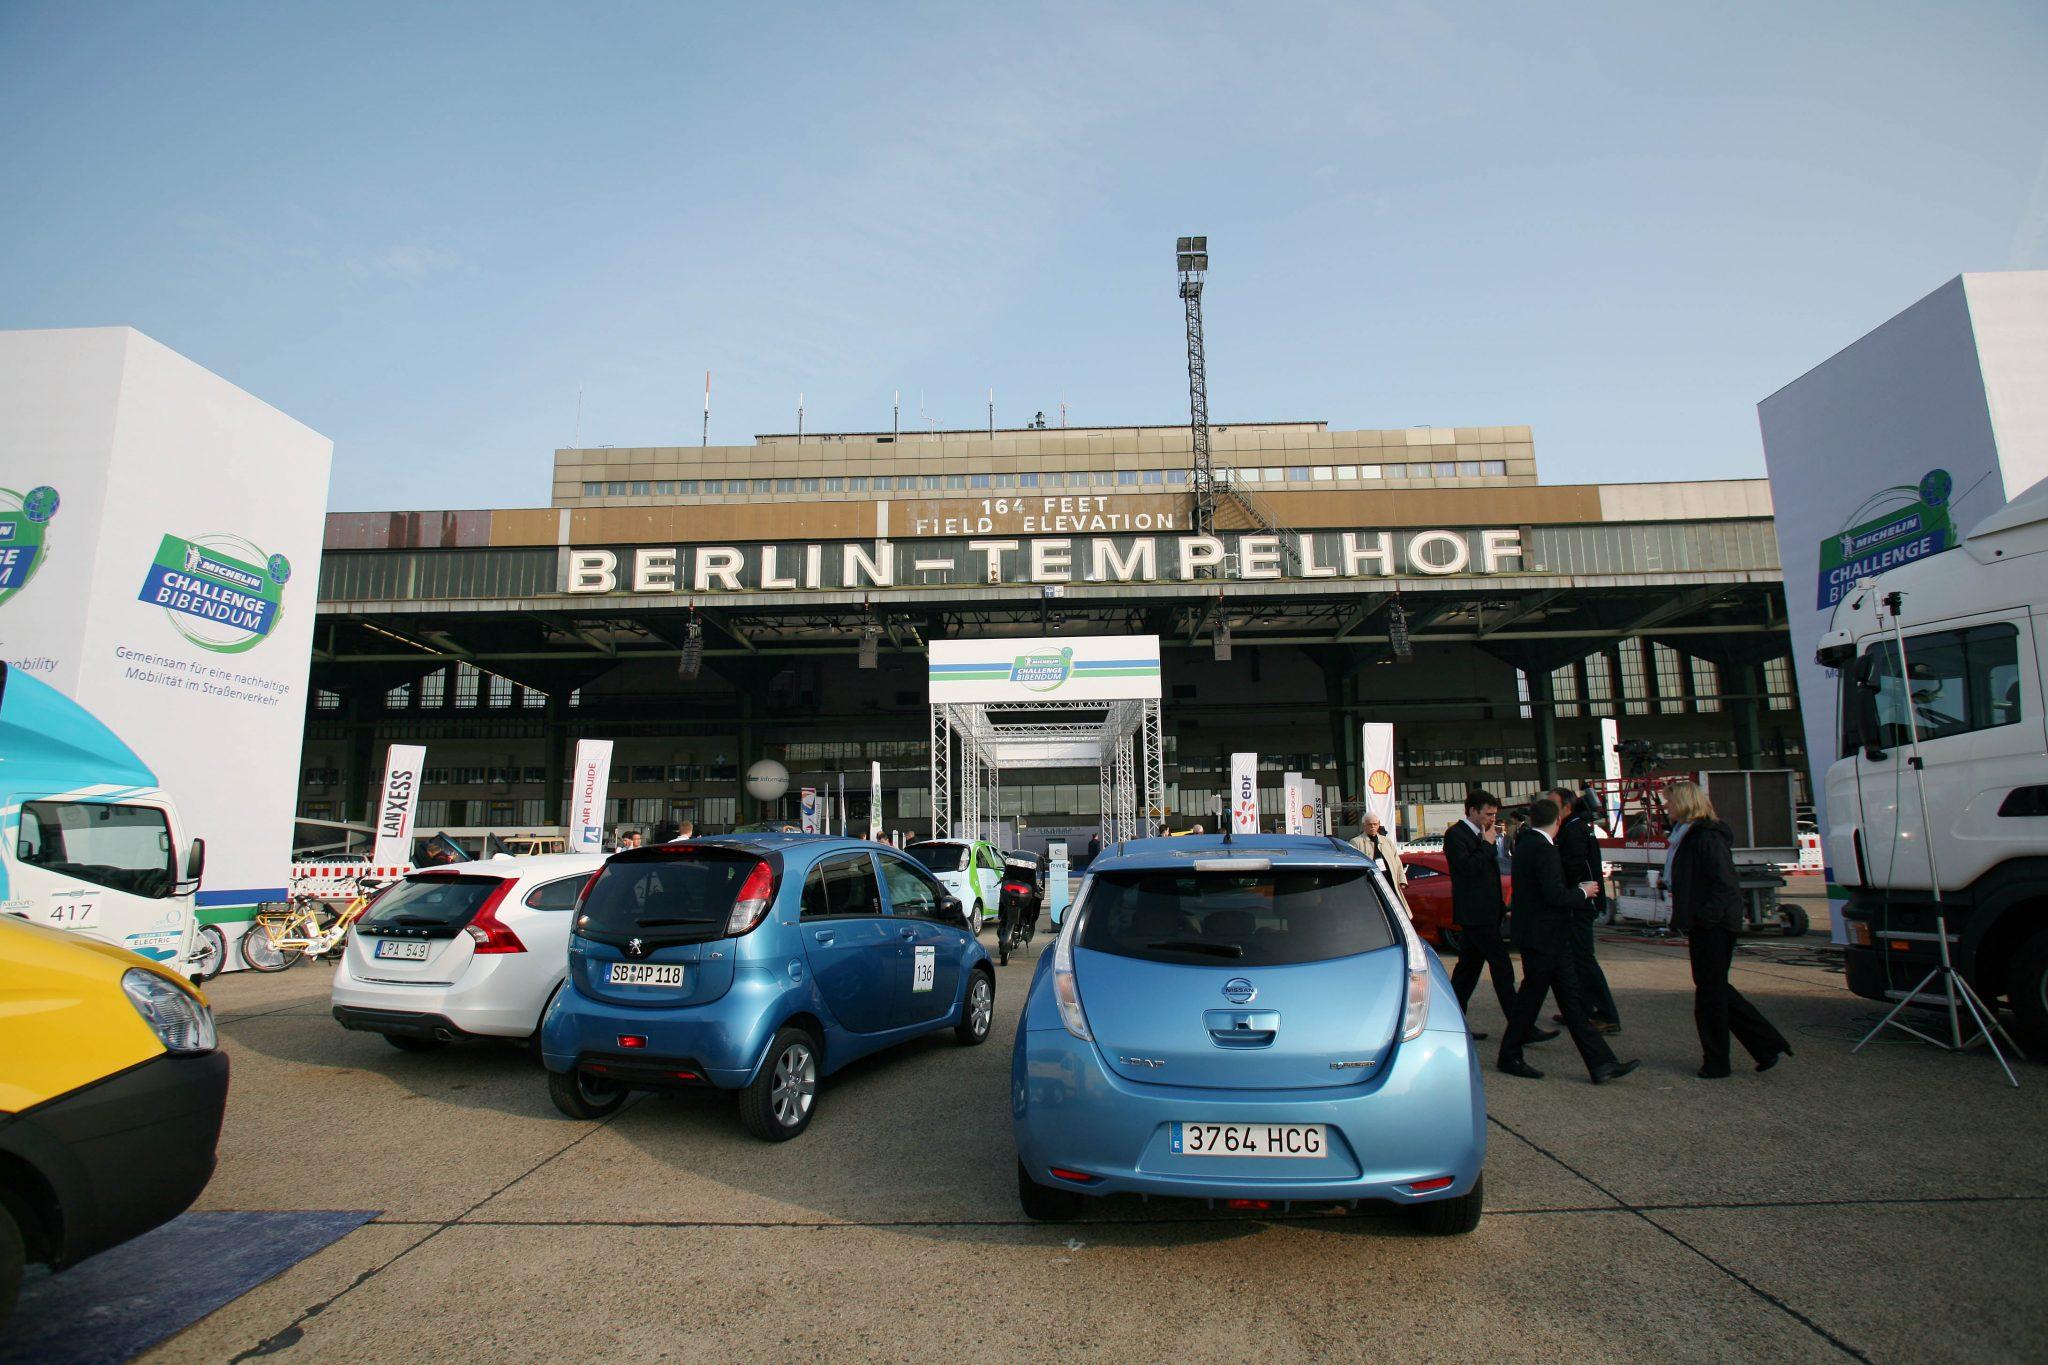 チャレンジ・ビバンダム 旧テンペルホーフ空港